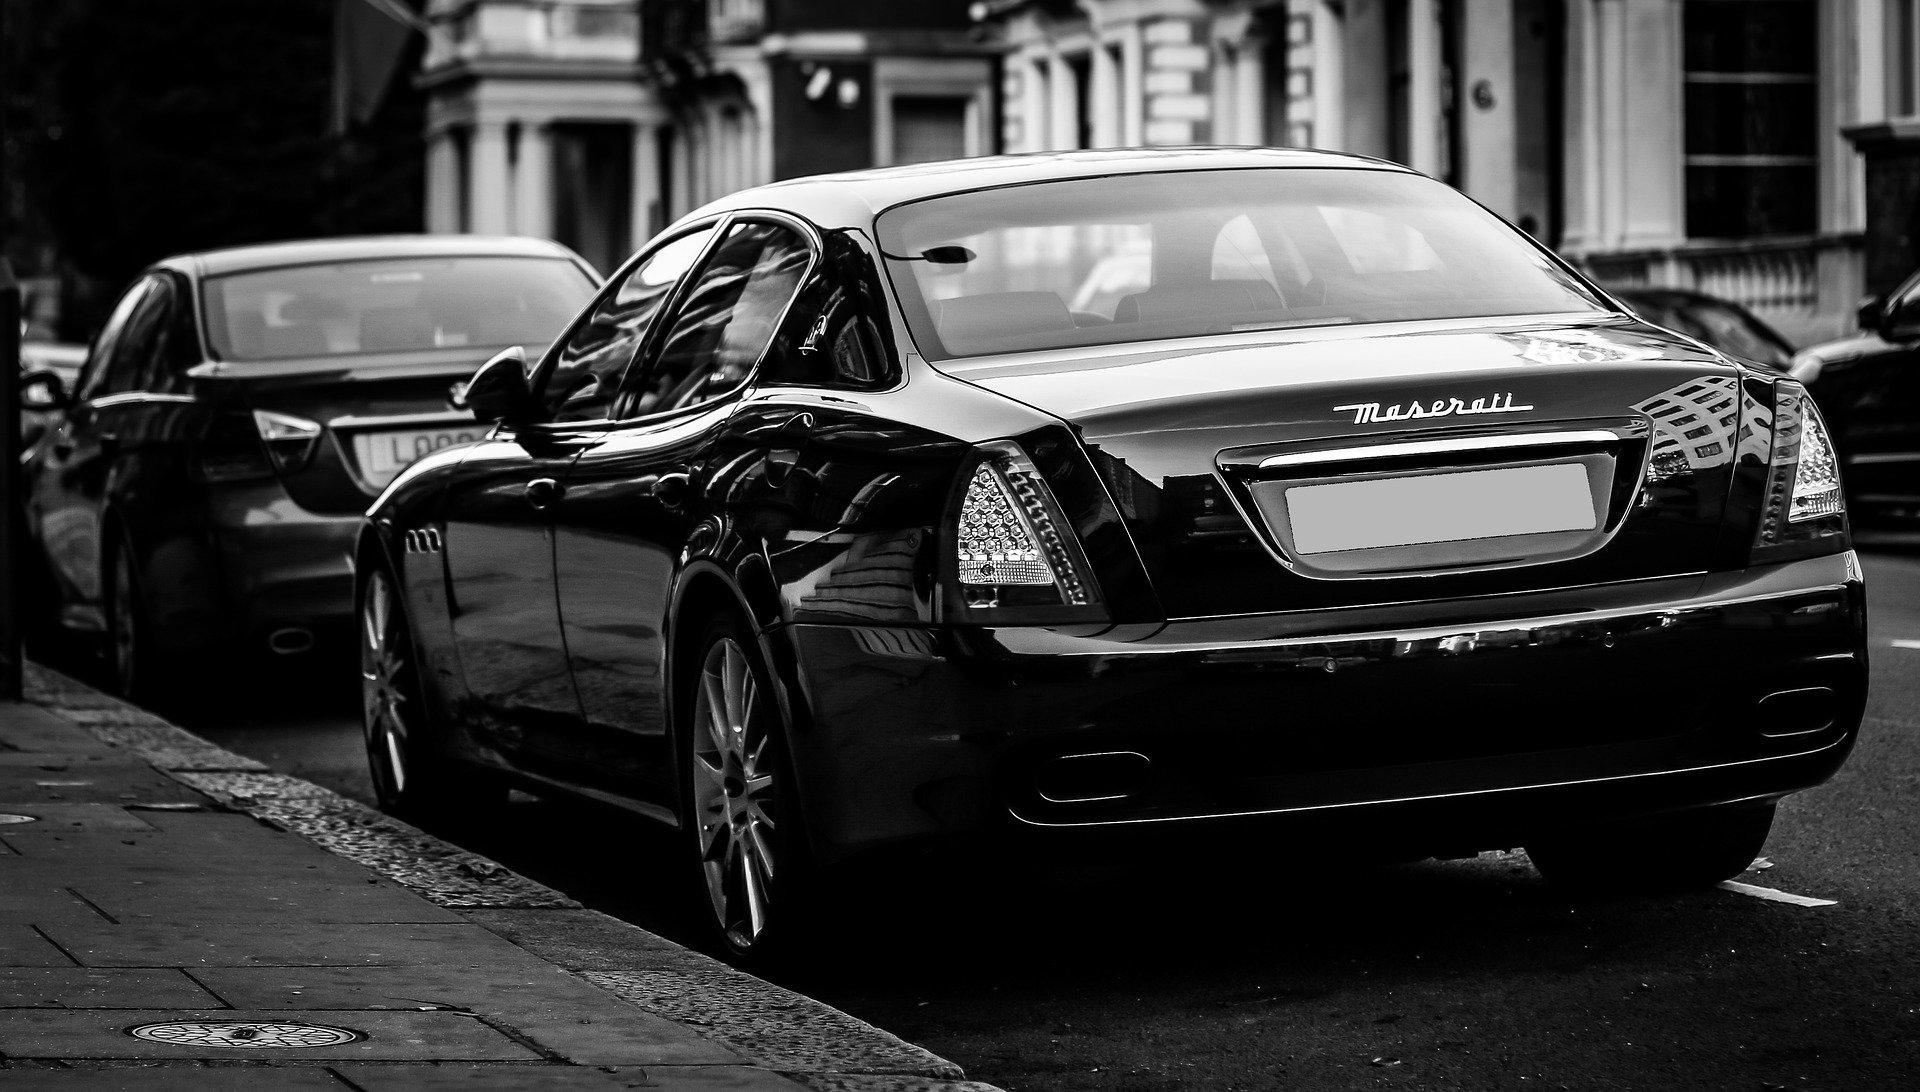 Luksusowe auto bez polskich tablic rejestracyjnych, ale z polską akcyzą